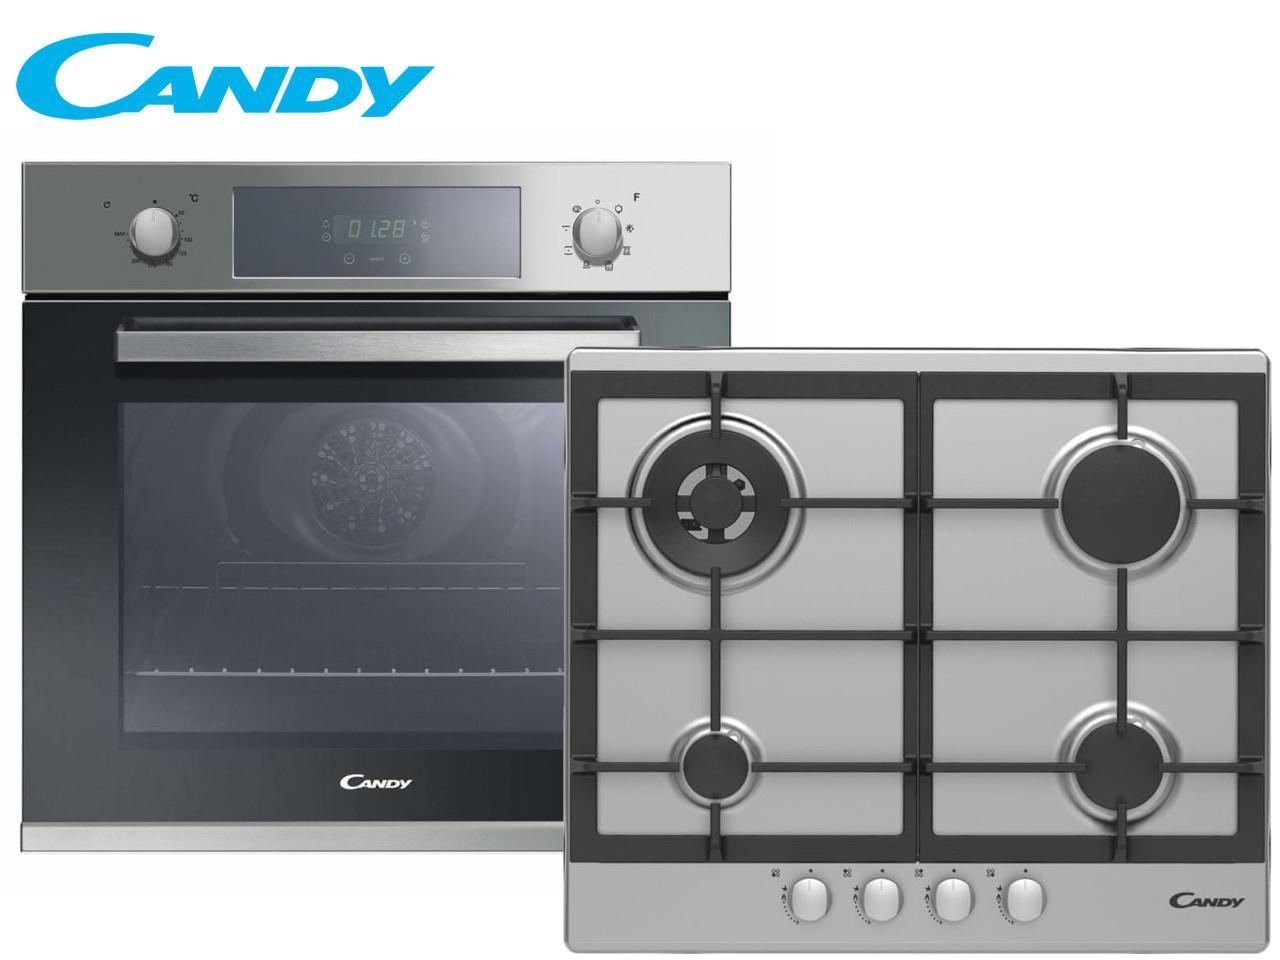 CANDY FCP 605 XL + CPG 64 + 400 Kč na dárky nebo další nákup | CHAT on-line podpora PO-PÁ 8-22.00!!